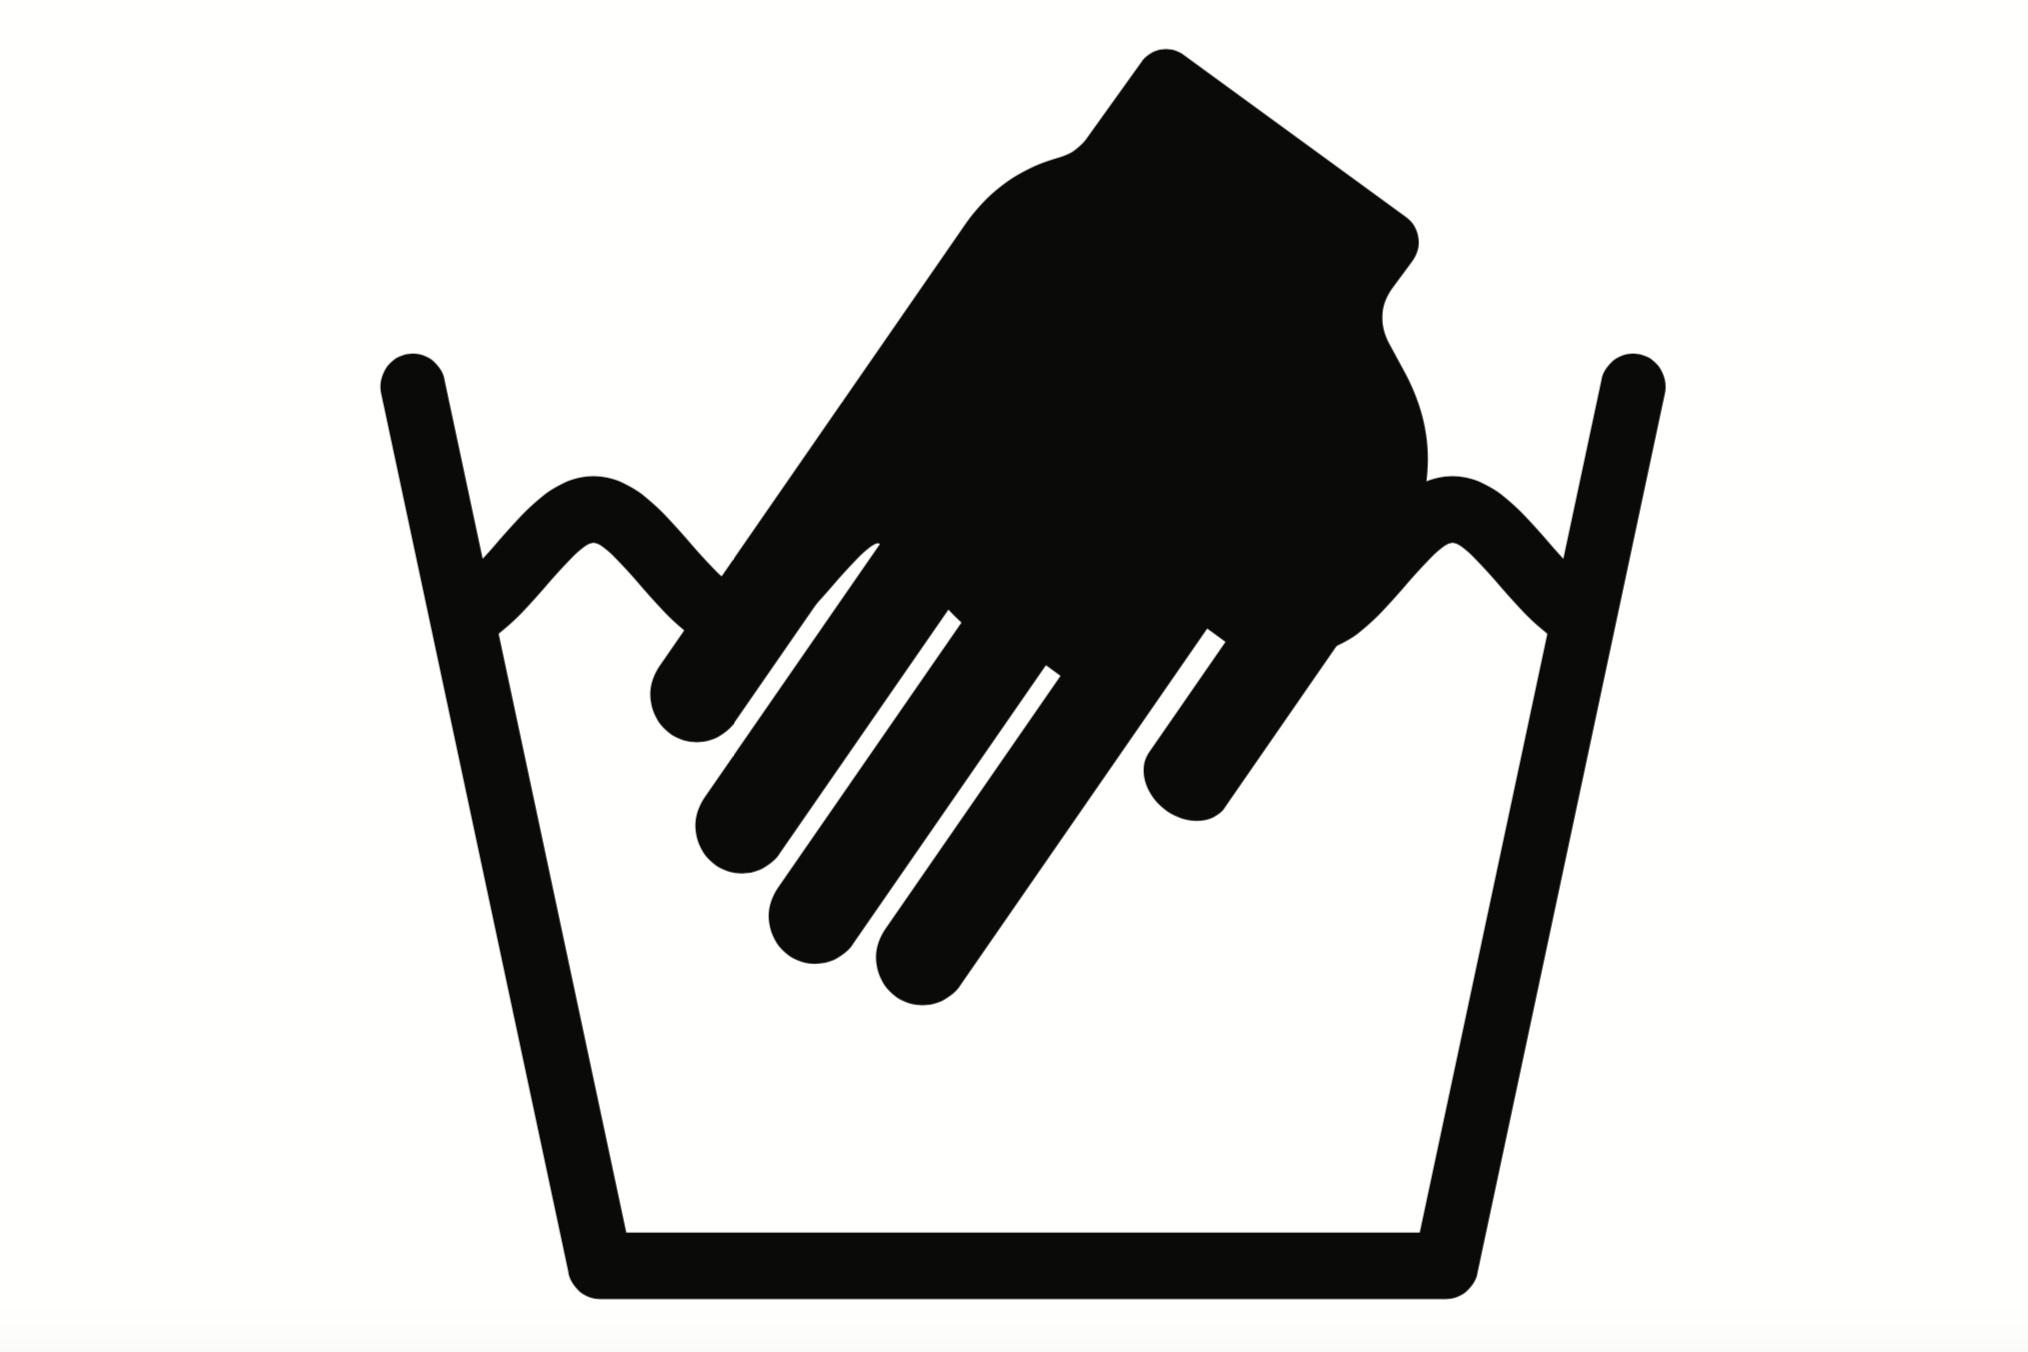 Handwash - Vask i hånden er altid det sikreste. Uld kan tåle høj temperatur, men det tåler ikke varme- eller kuldeshock; altså hurtigt skift fra varmt til koldt vand (or vice versa). Chok-behandling vil få ulden til at filtre (men for meget sæbe og for meget bevægelse kan også spille ind). Heldigvis er vaskemaskinens uldprogram indrettet således, at den indtager vandet gradvist med gradvis opvarmning, så ulden ikke udsættes for chok.